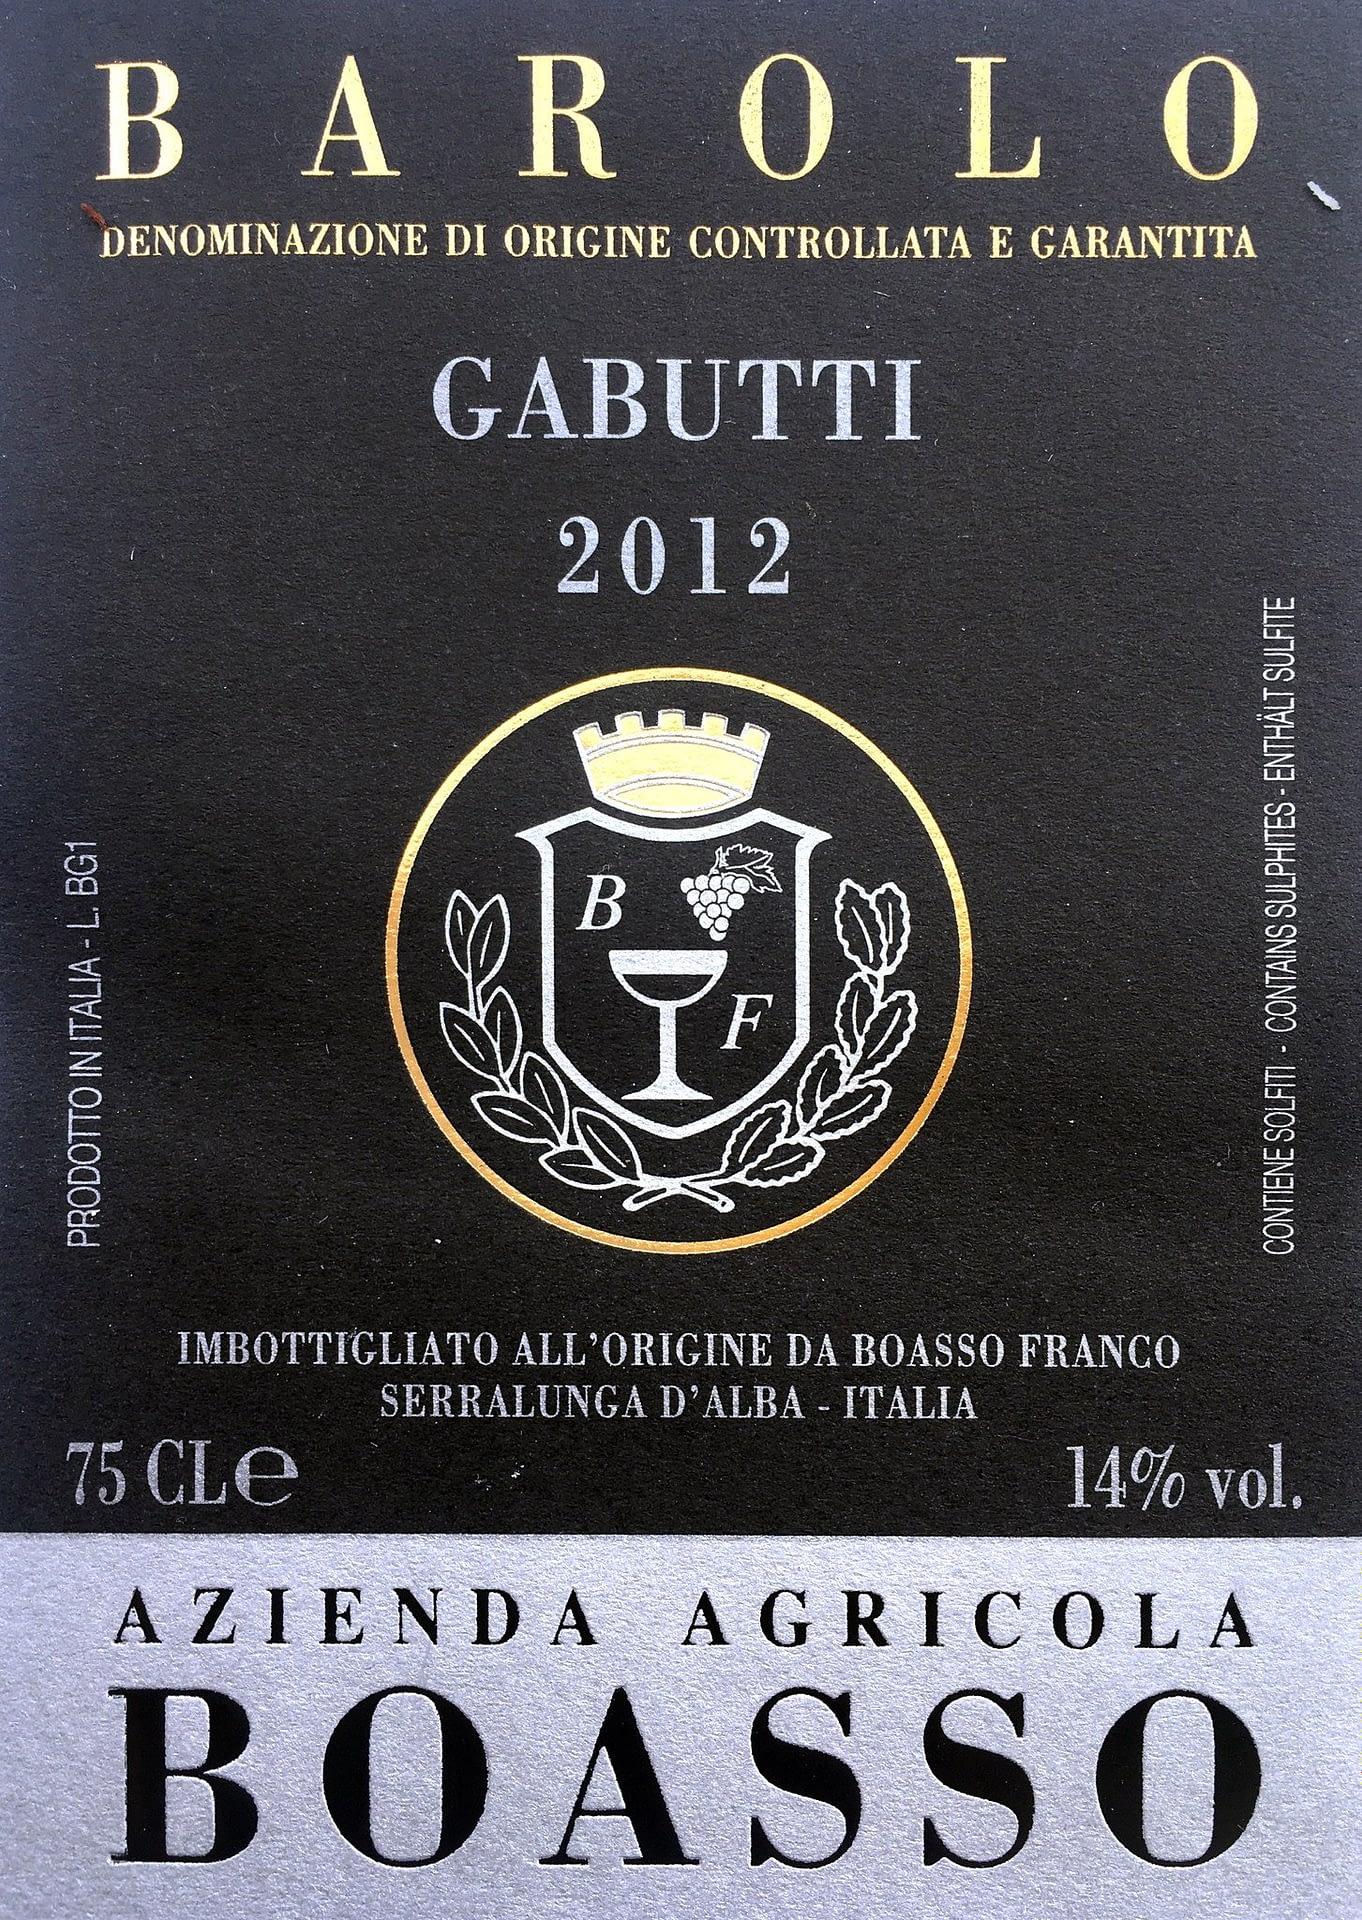 Boasso Barolo Gabutti Magnum 2012